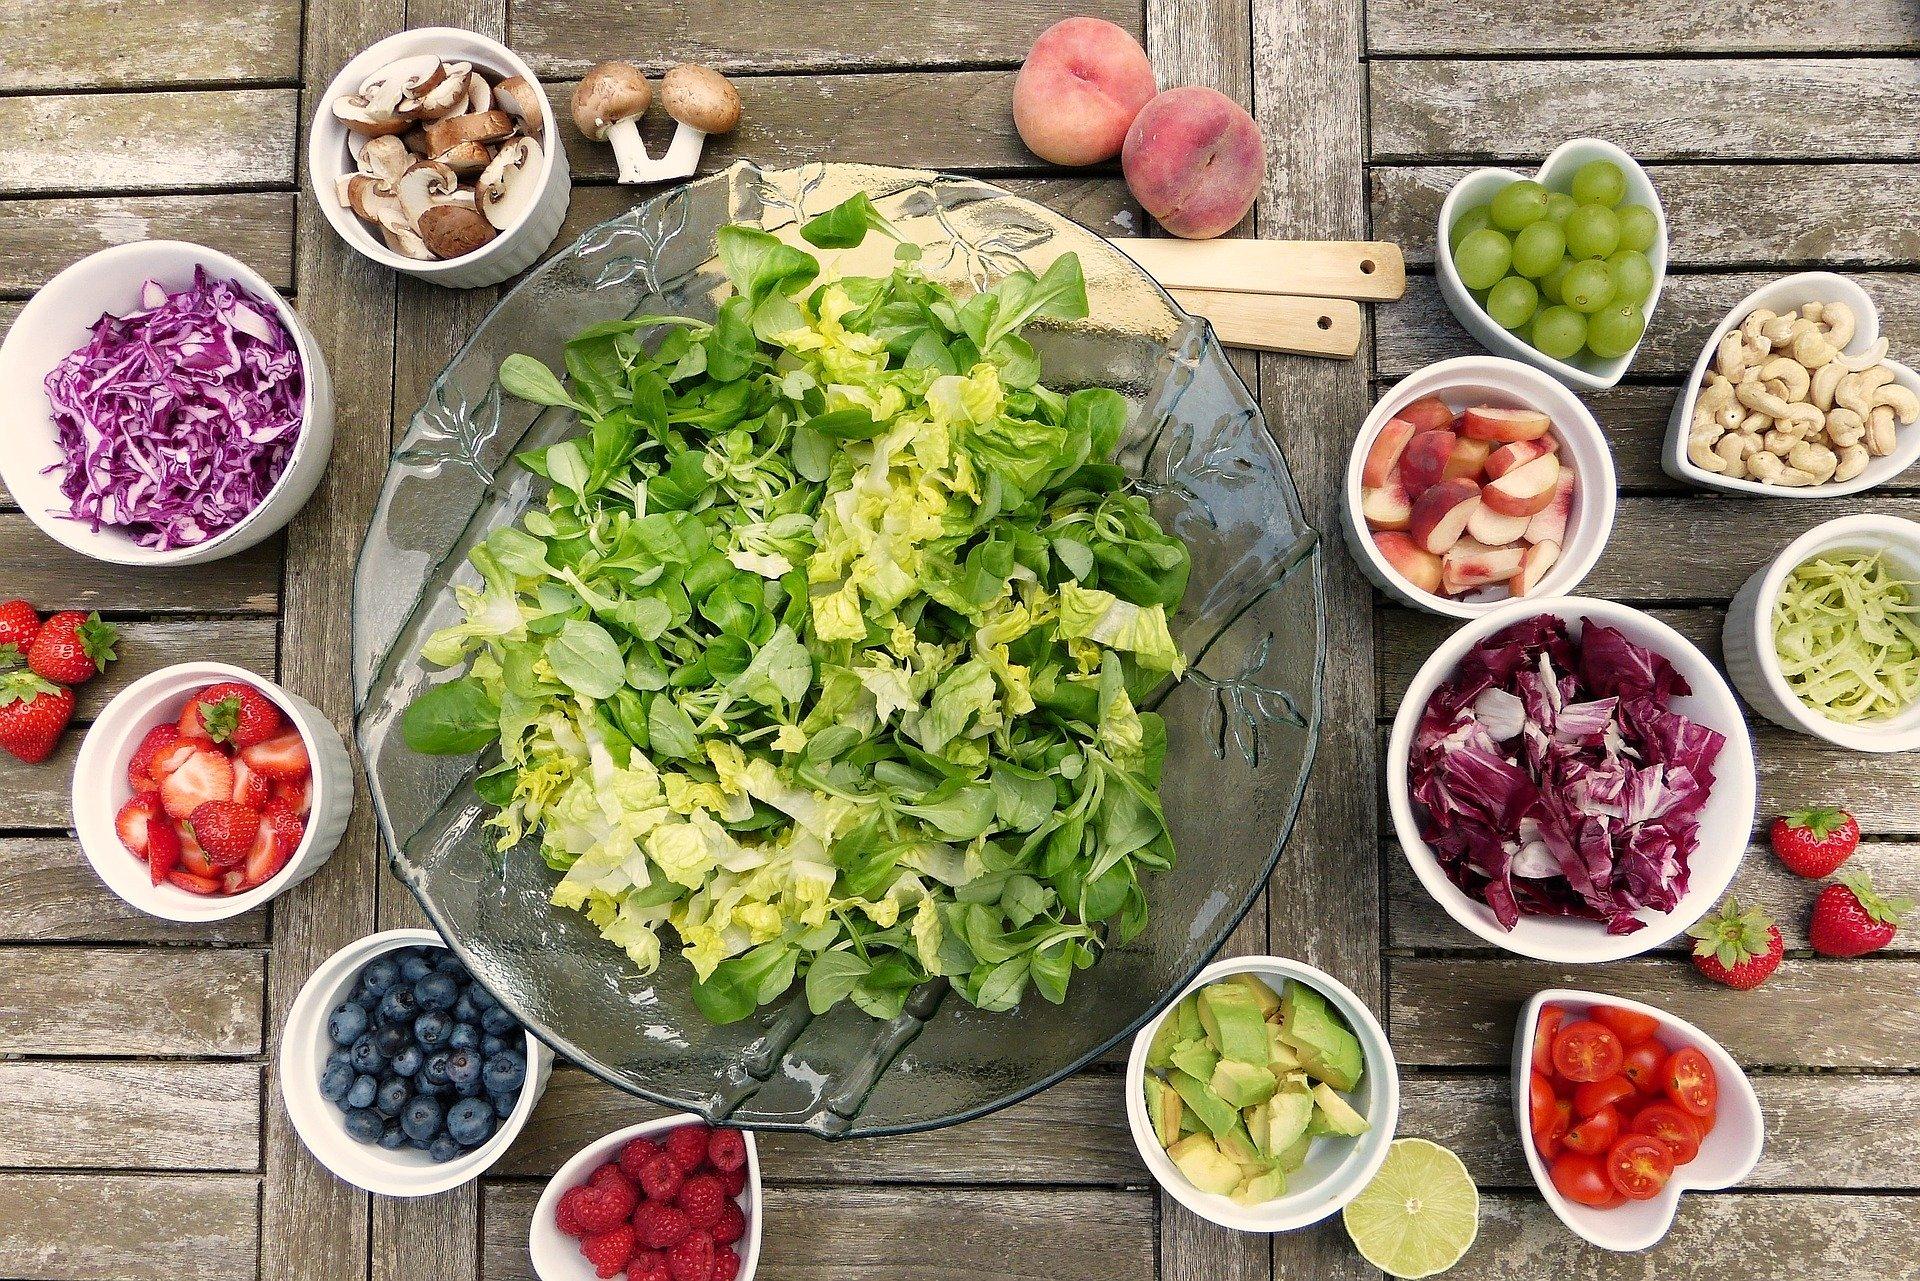 In der Bildmitte ist eine große Salatschüssel zu sehen. Um die Salatschüssel stehen viele kleinere Schüsseln mit geschnittenem Gemüse, Pilzen und Obst.